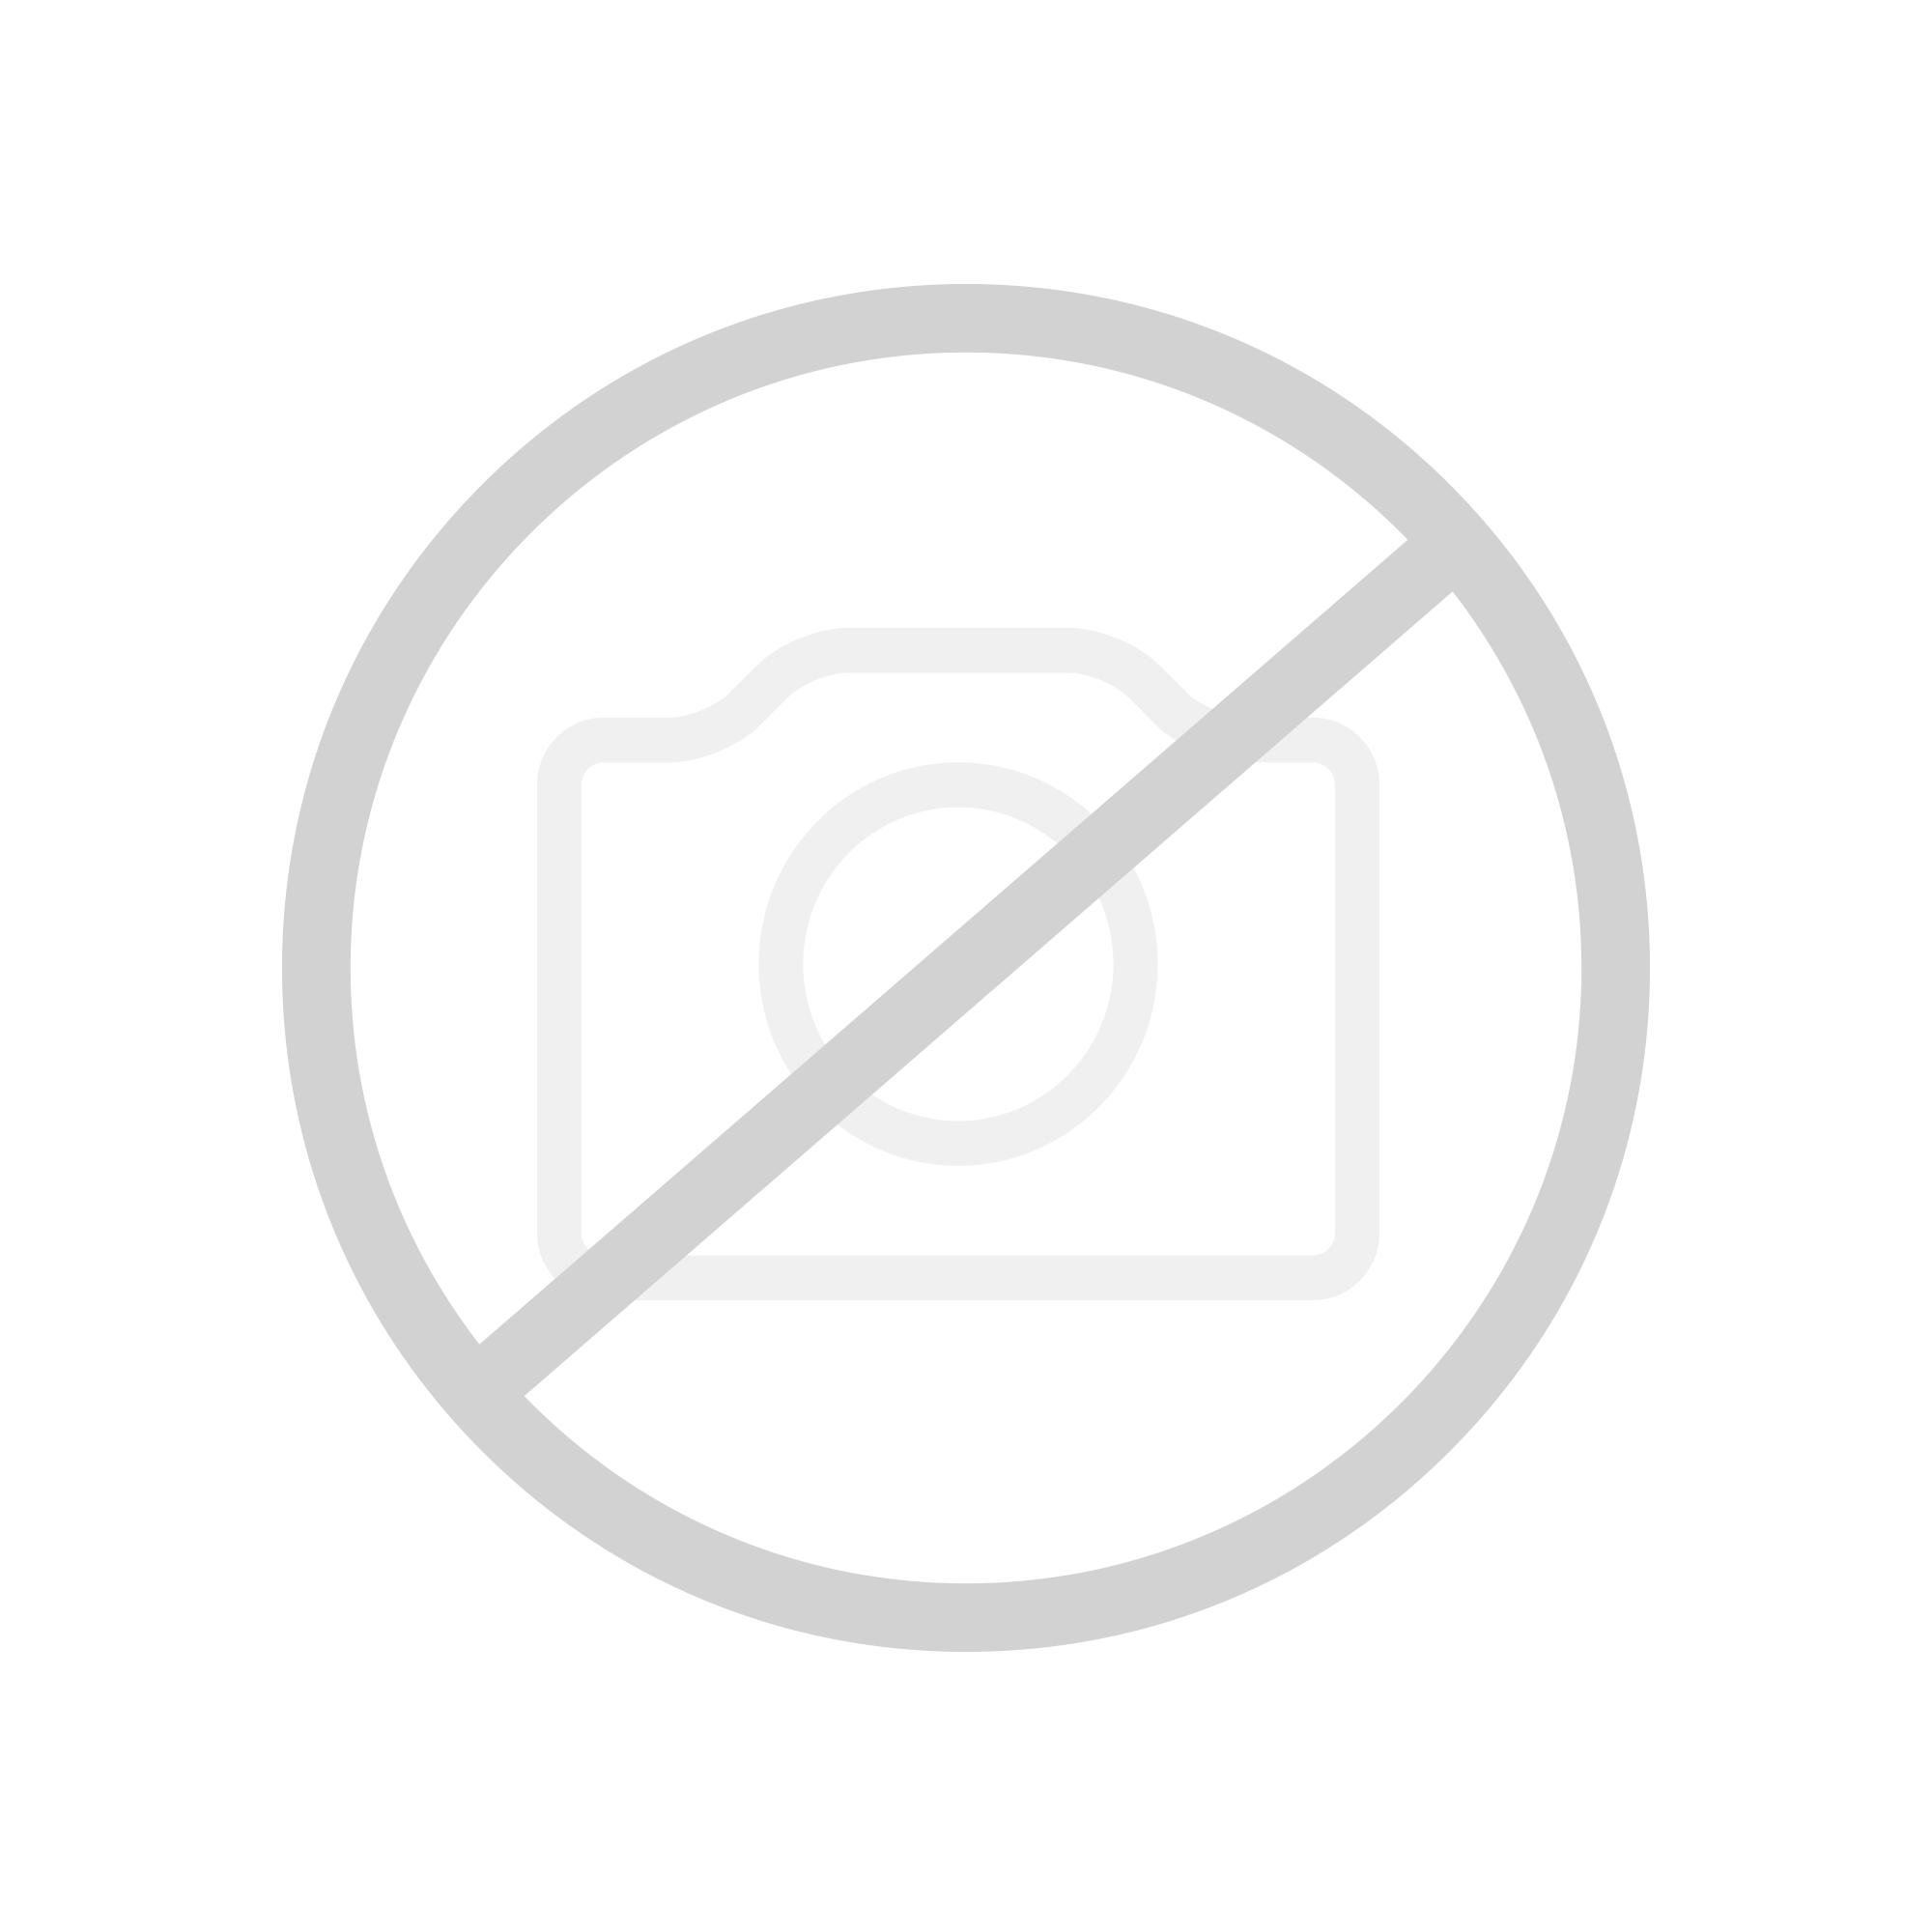 Keuco Moll Einhebel-Waschtischmischer 120 ohne Ablaufgarnitur